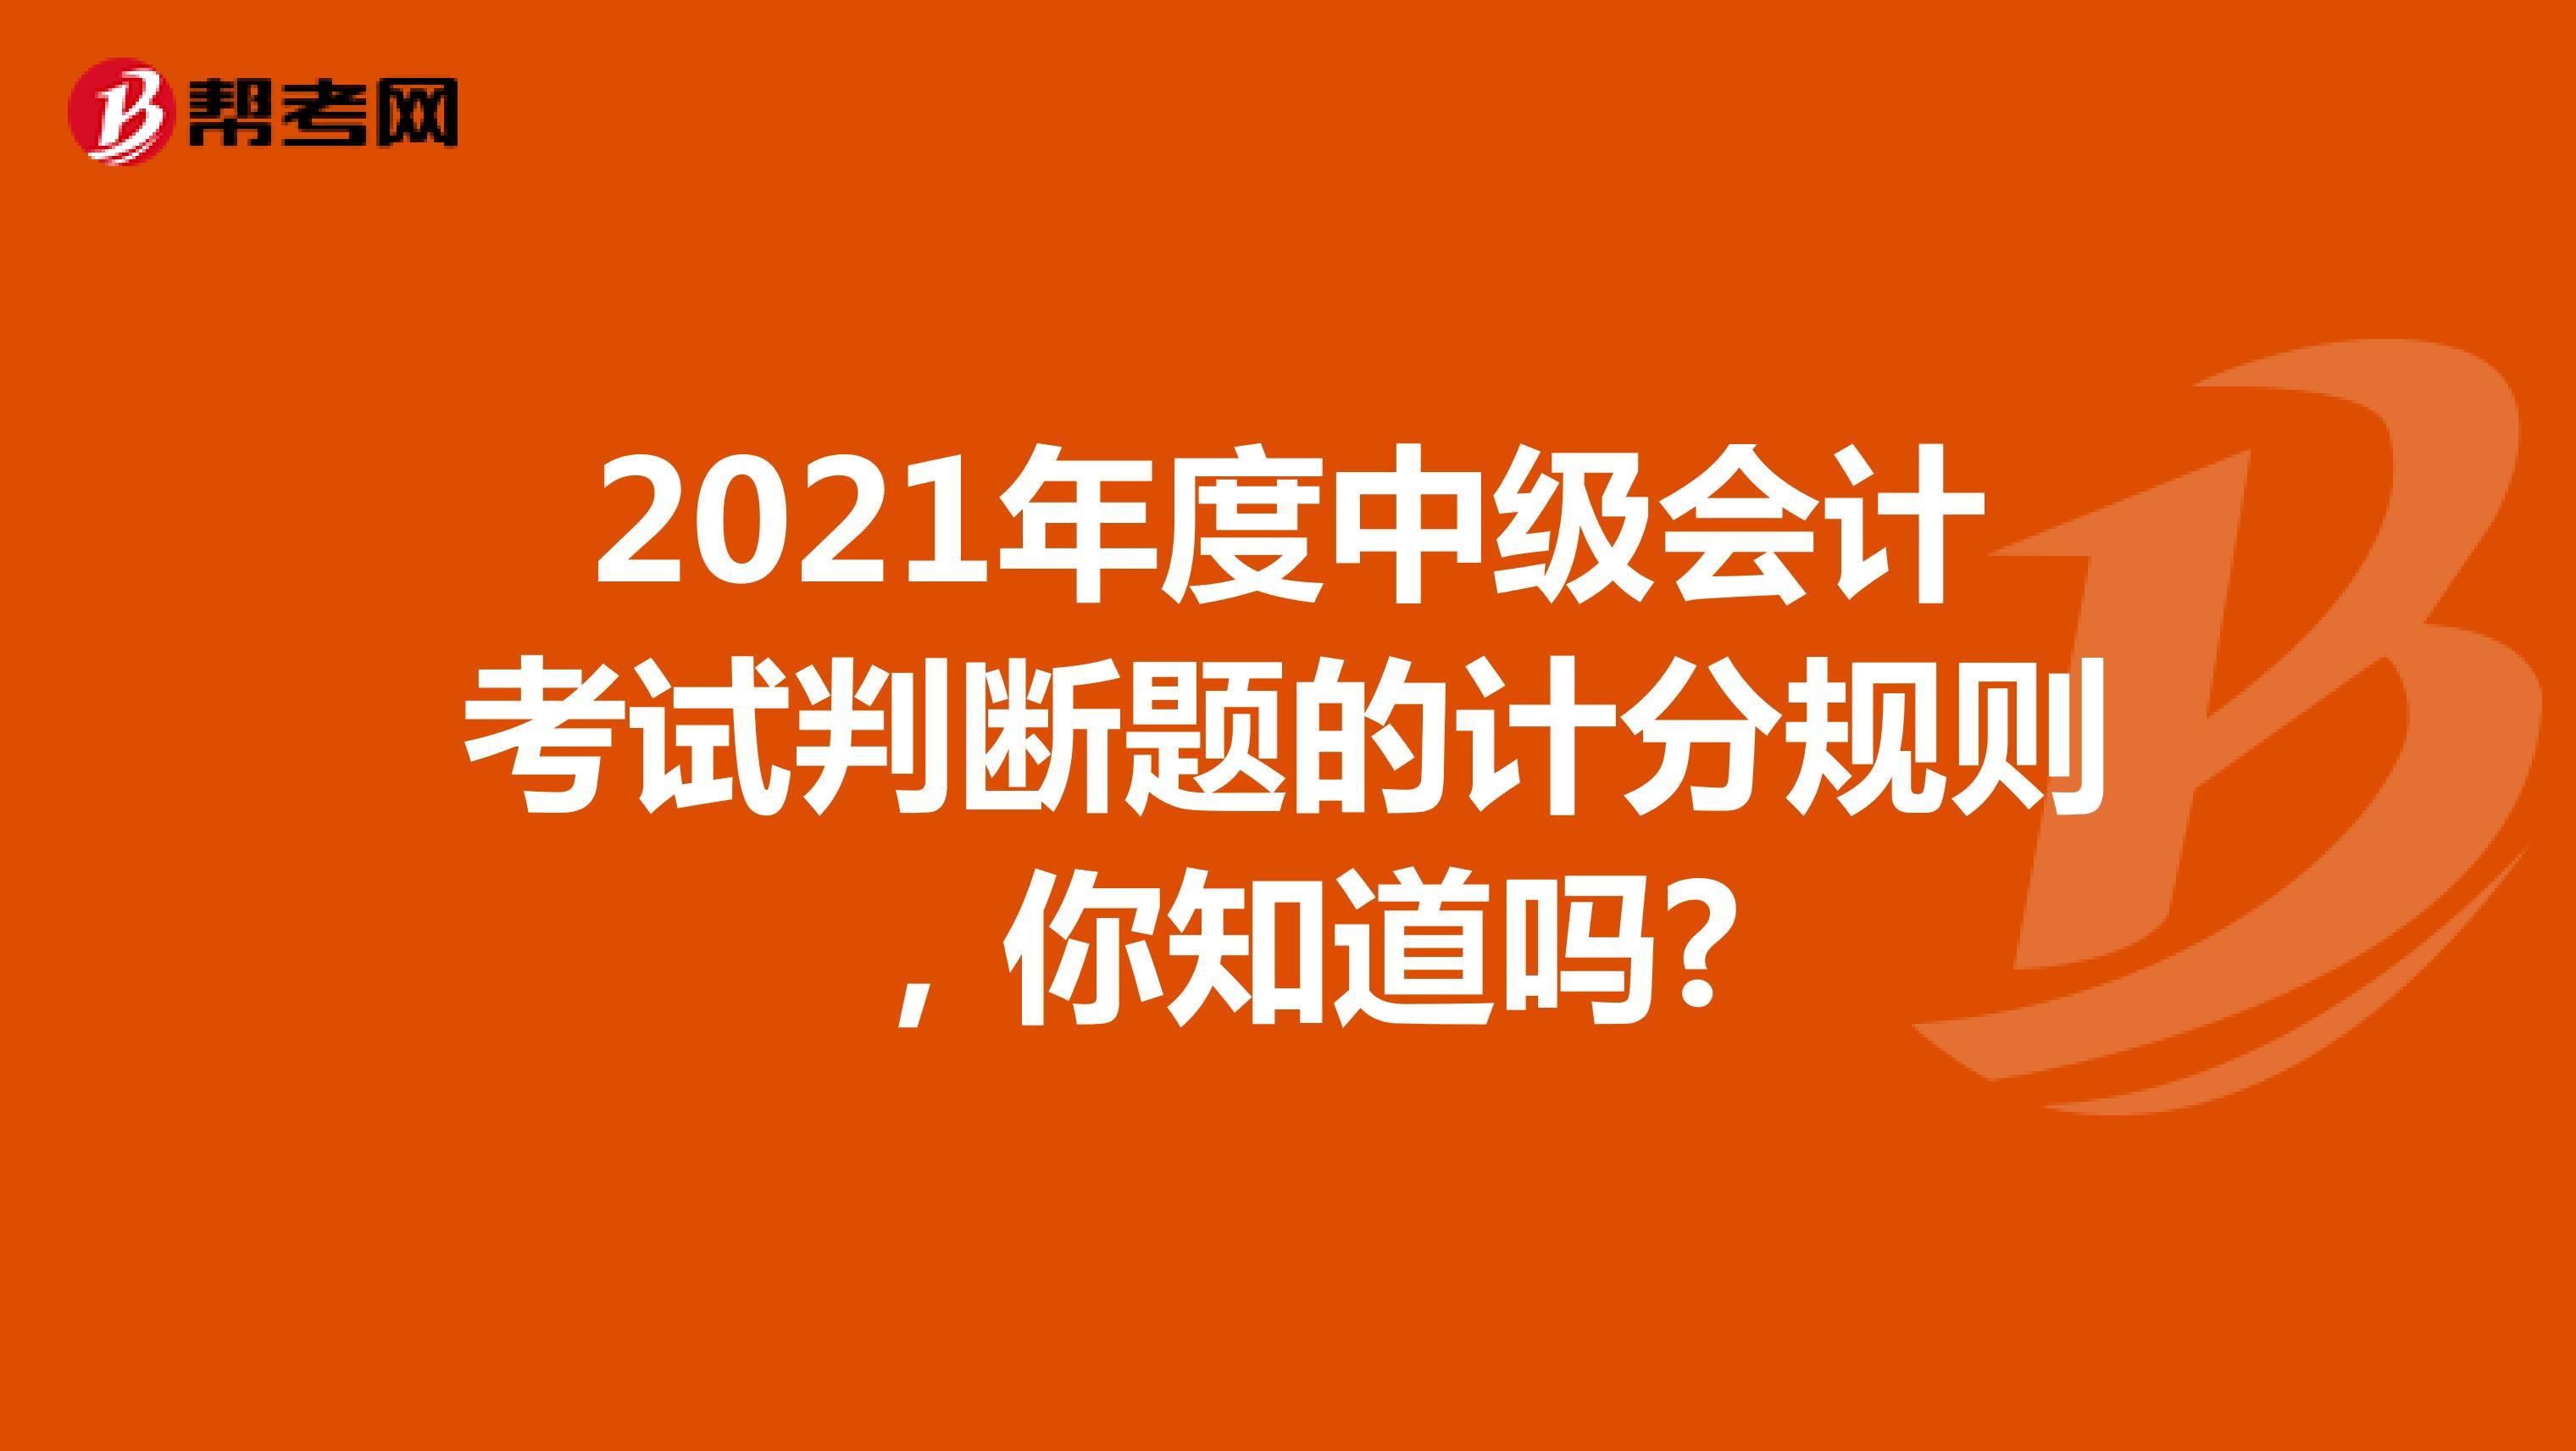 2021年度中级会计考试判断题的计分规则,你知道吗?